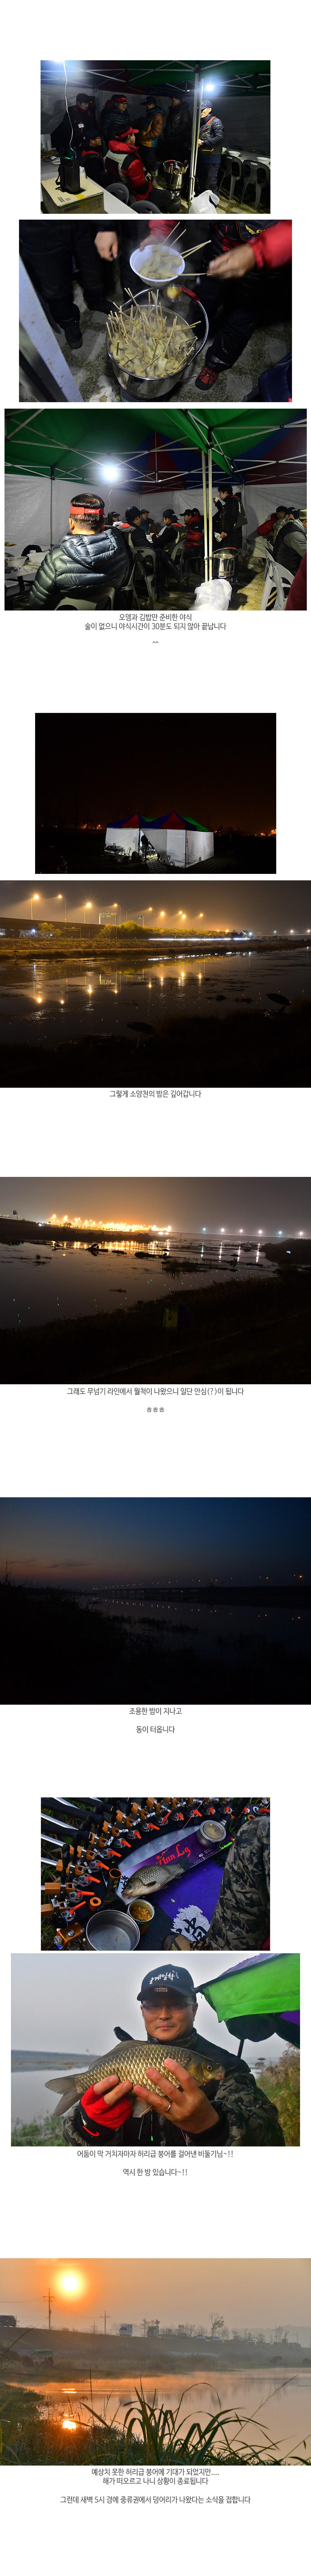 107기 월척원정대(소양천) - 08.jpg